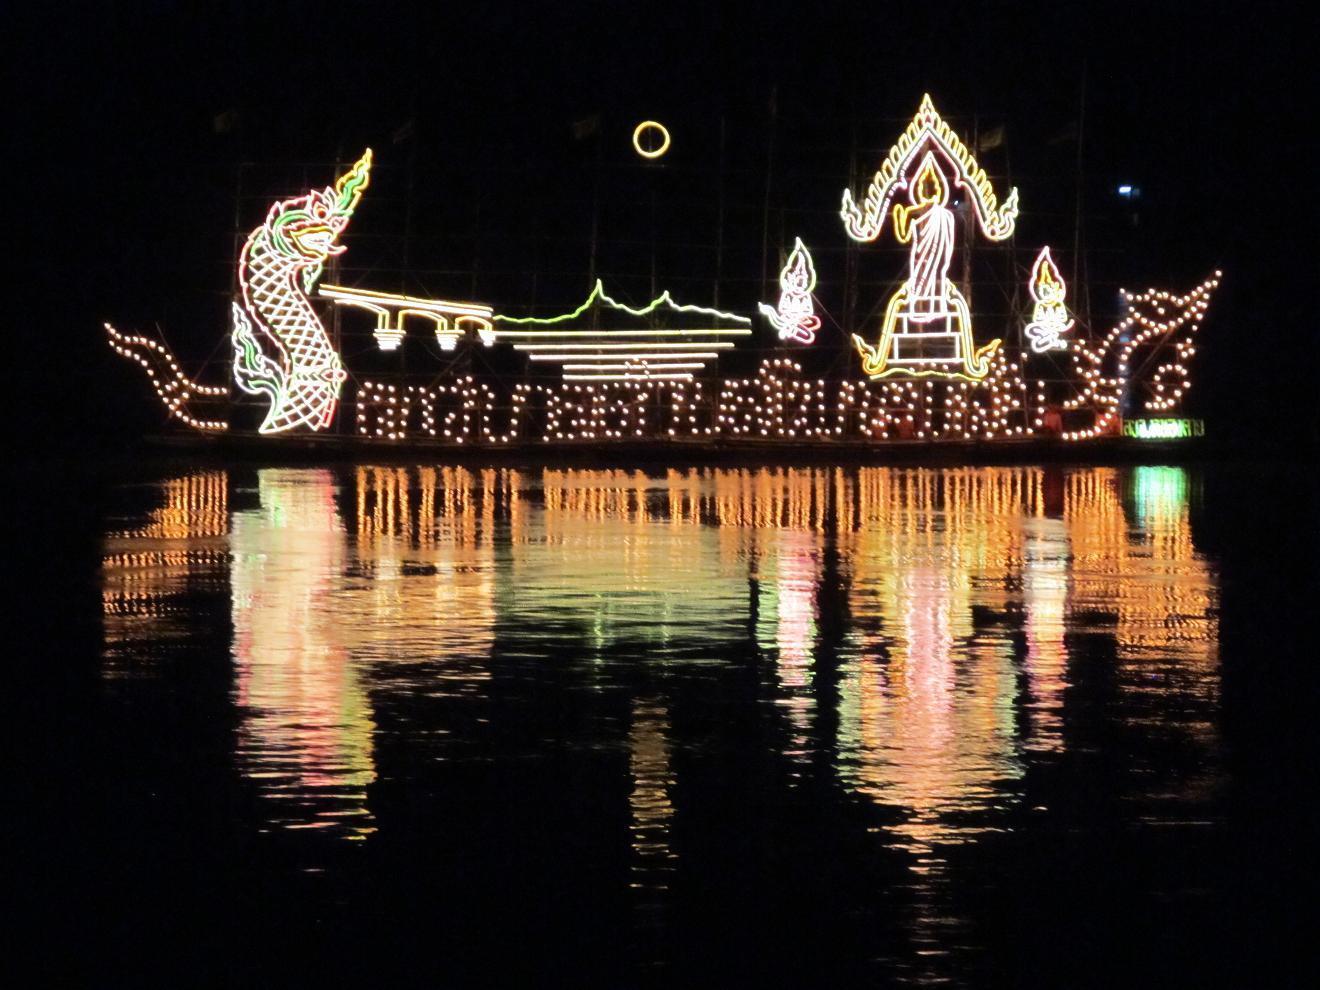 Mekong - Slavnostně osvětlené lodě